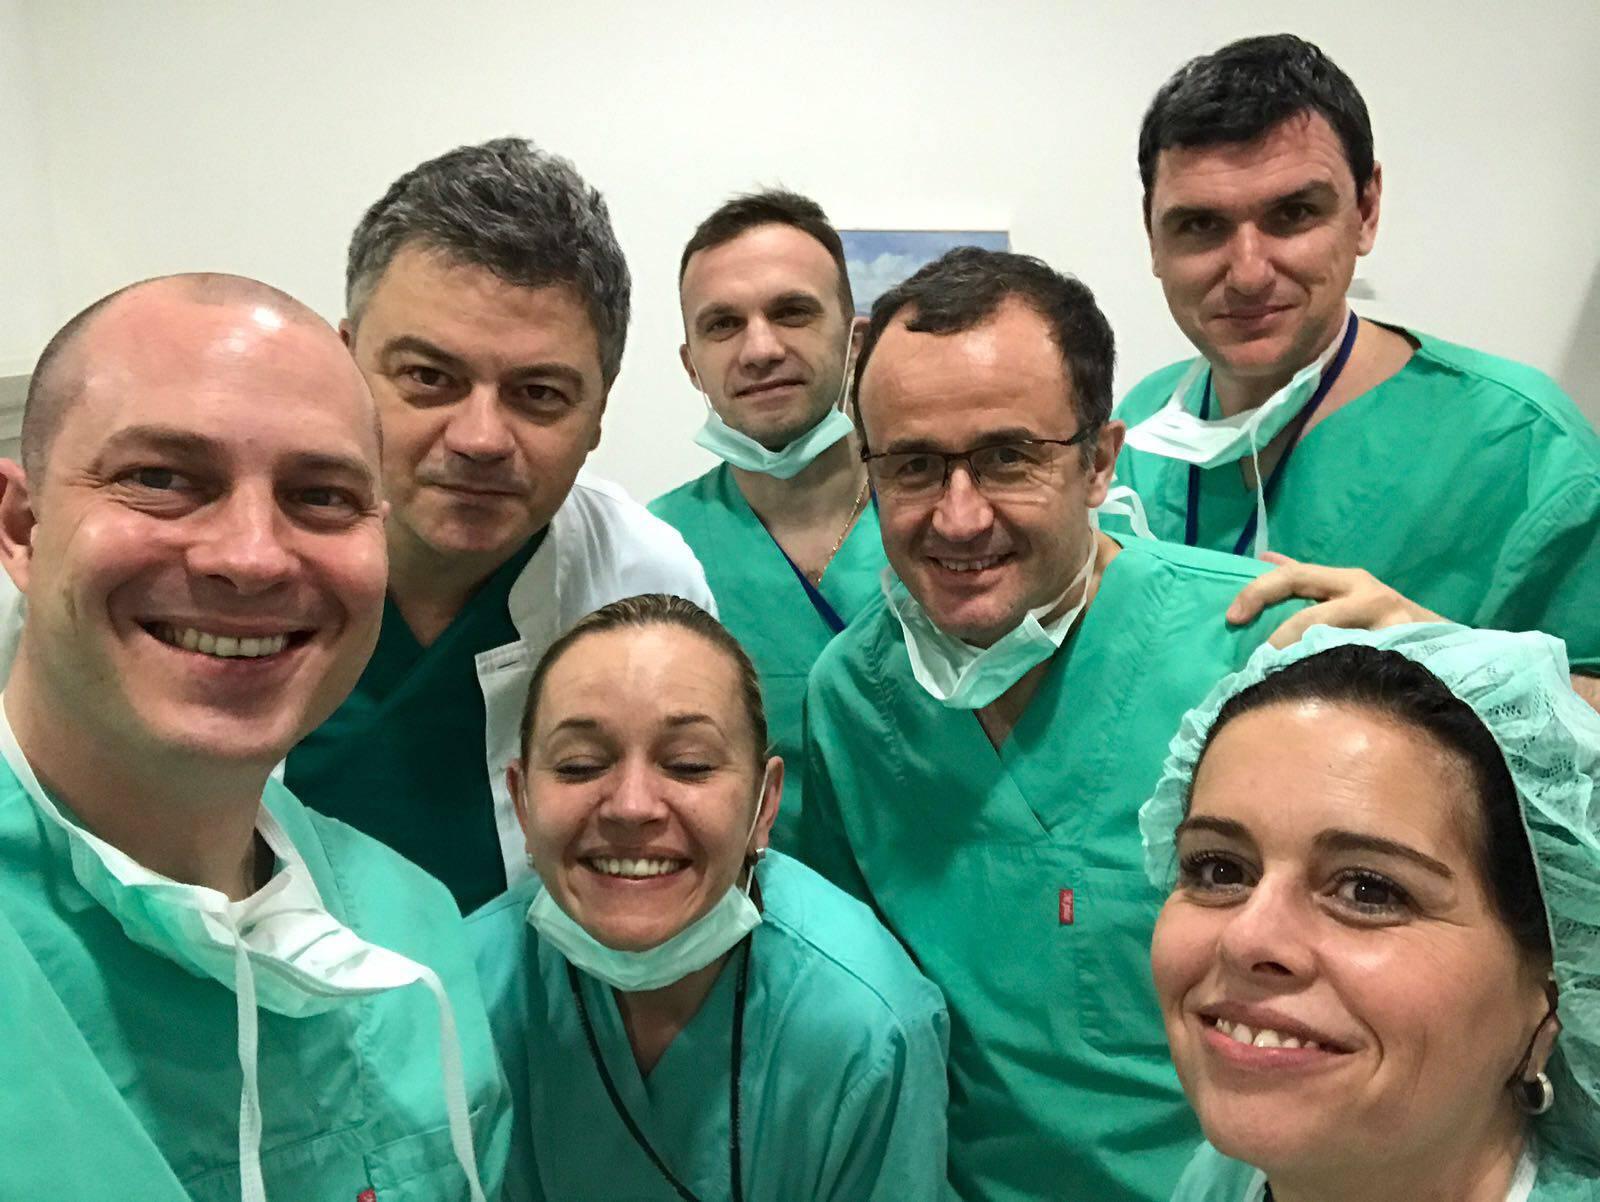 Čudo u Zagrebu! Liječnici ženi izvadili i vratili jajnik pa rodila